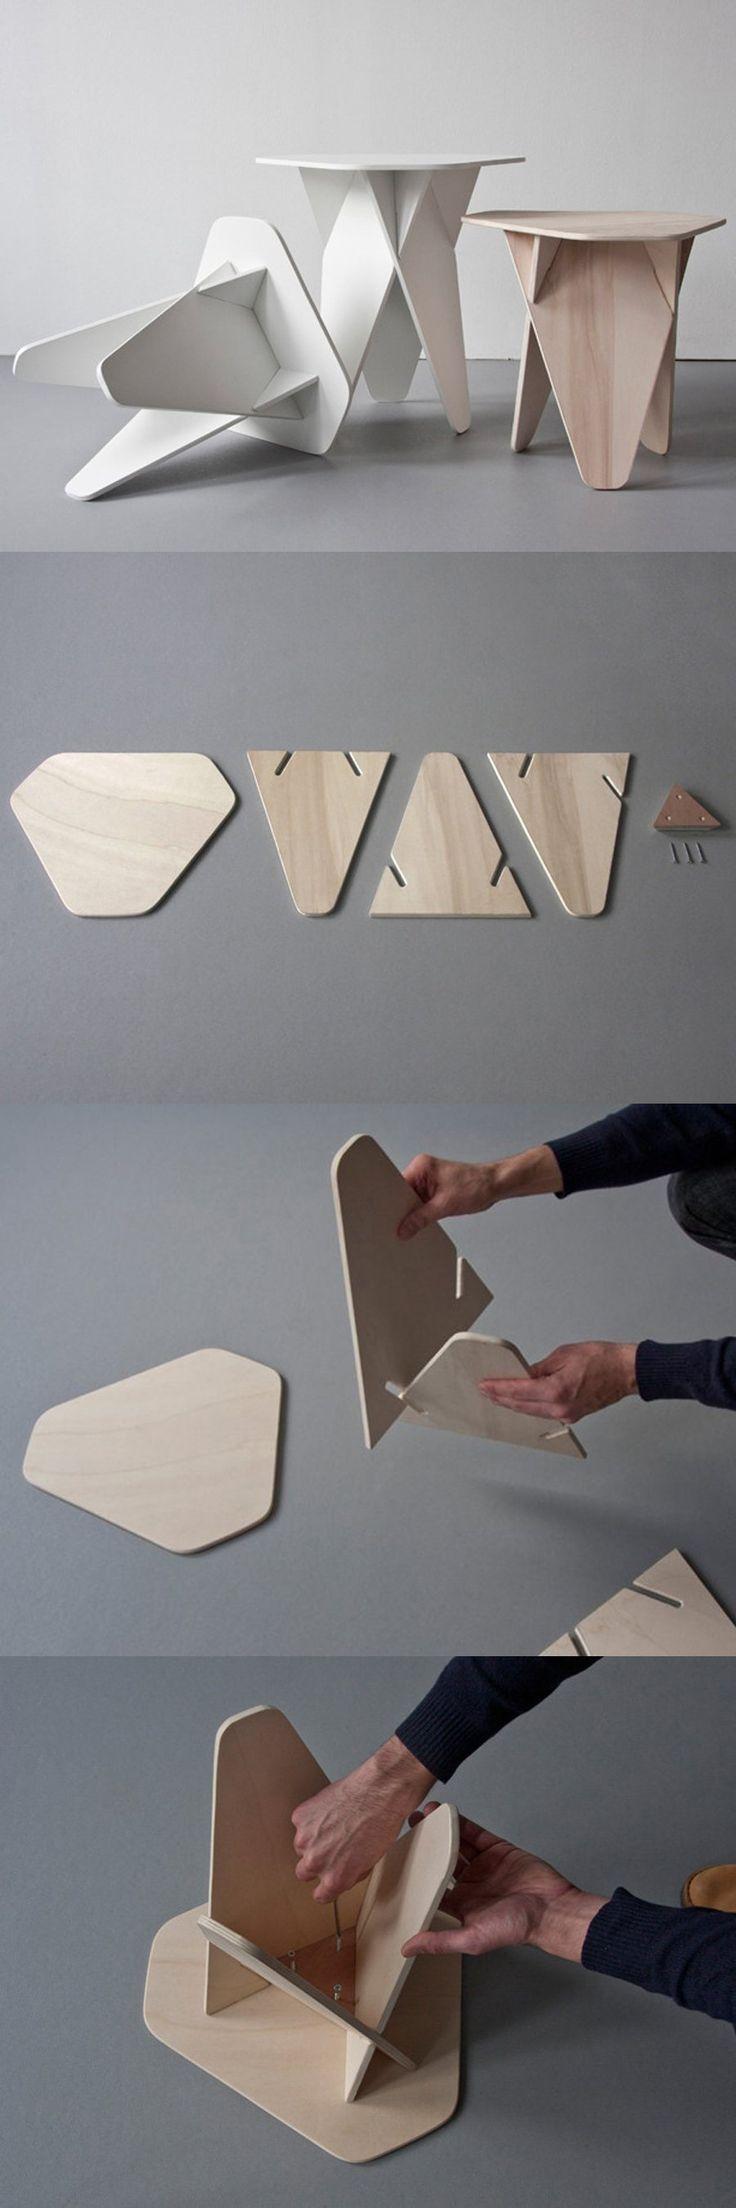 Este diseño es hecho por Andreas Kowalewski y es un mueble que puede ser armado insertando piezas.